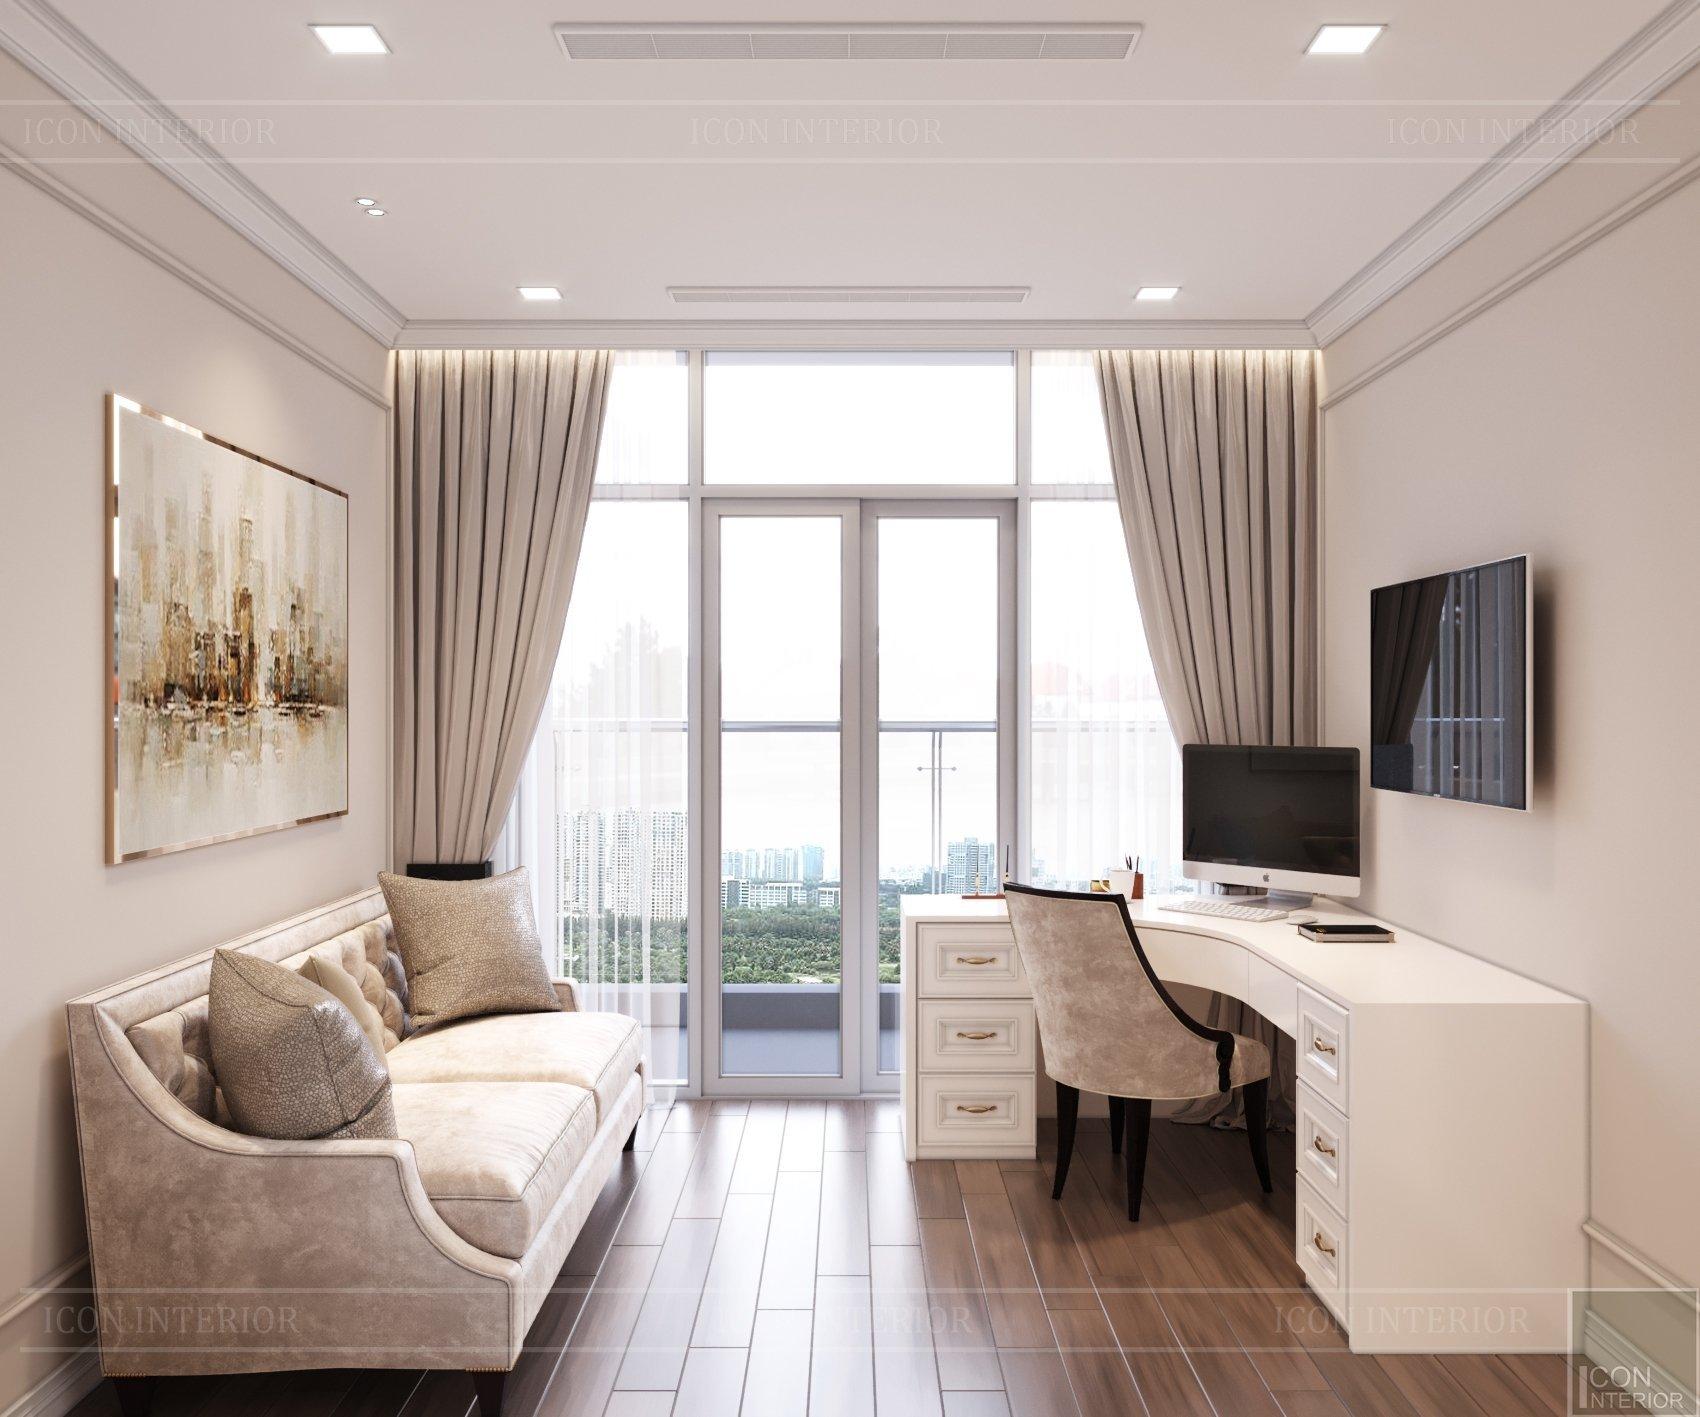 thiết kế nội thất căn hộ nhỏ 40m2